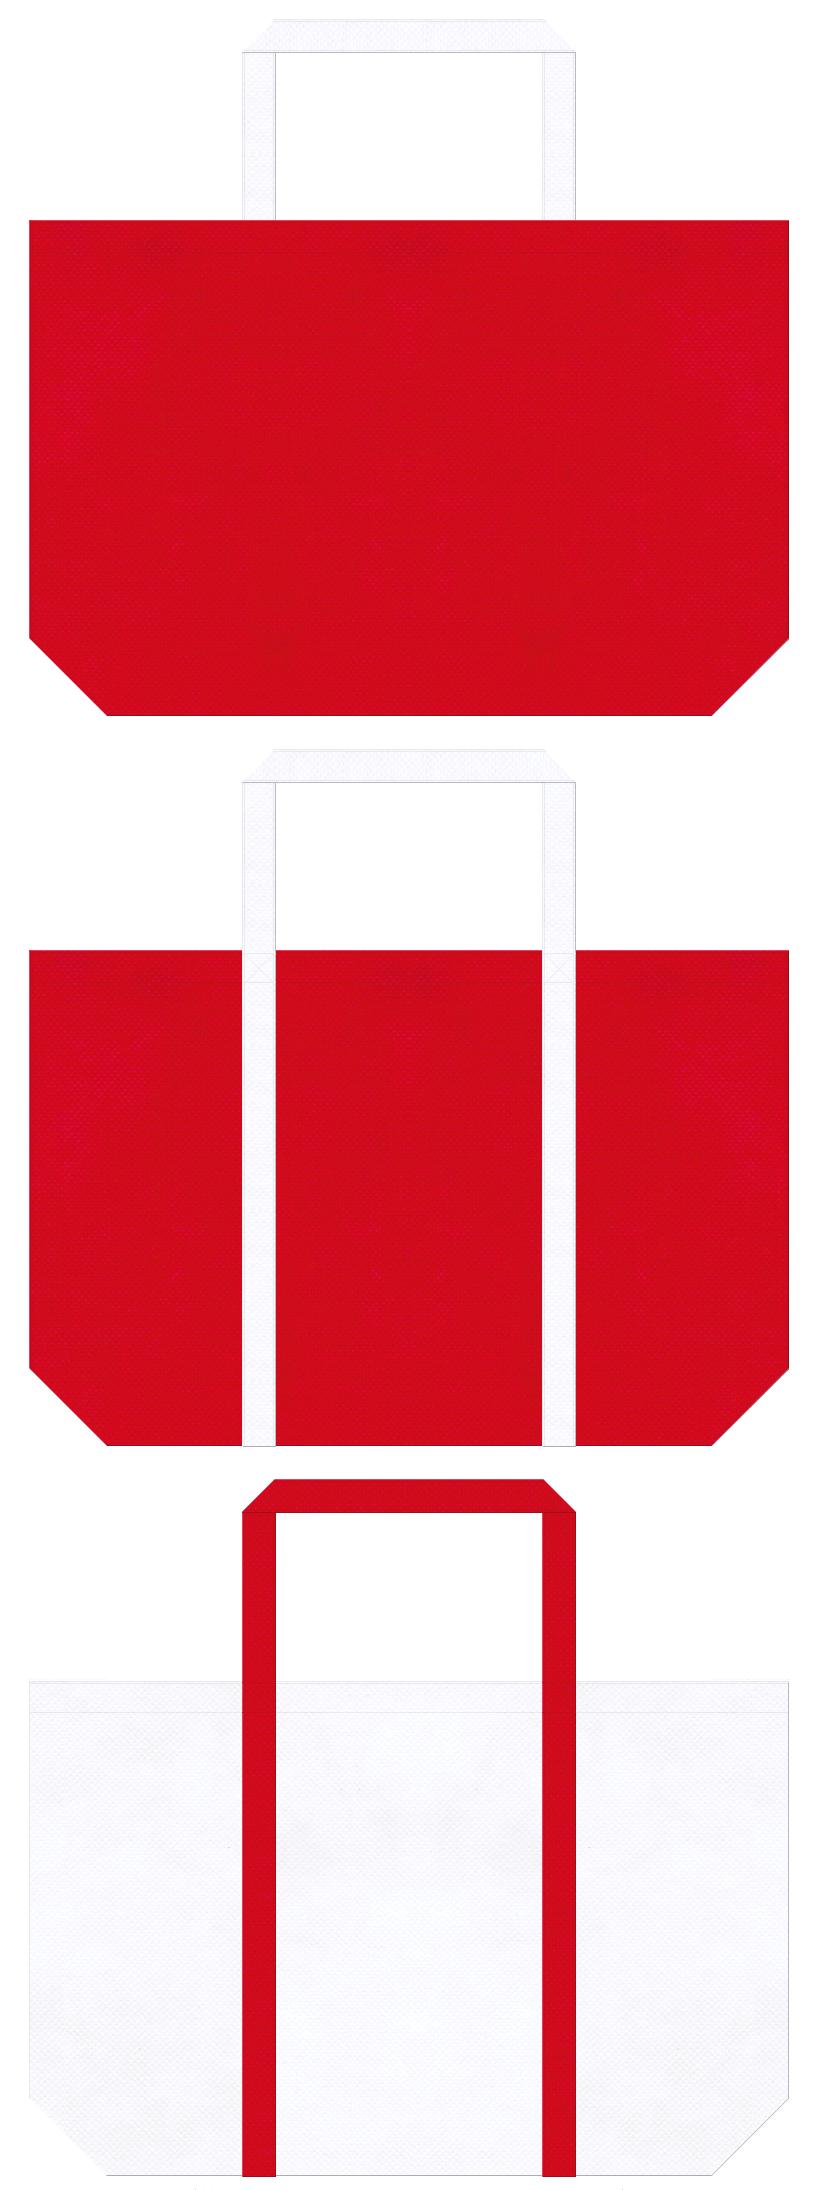 救急用品・消防団・サンタクロース・クリスマスにお奨めの不織布バッグデザイン:紅色と白色のコーデ